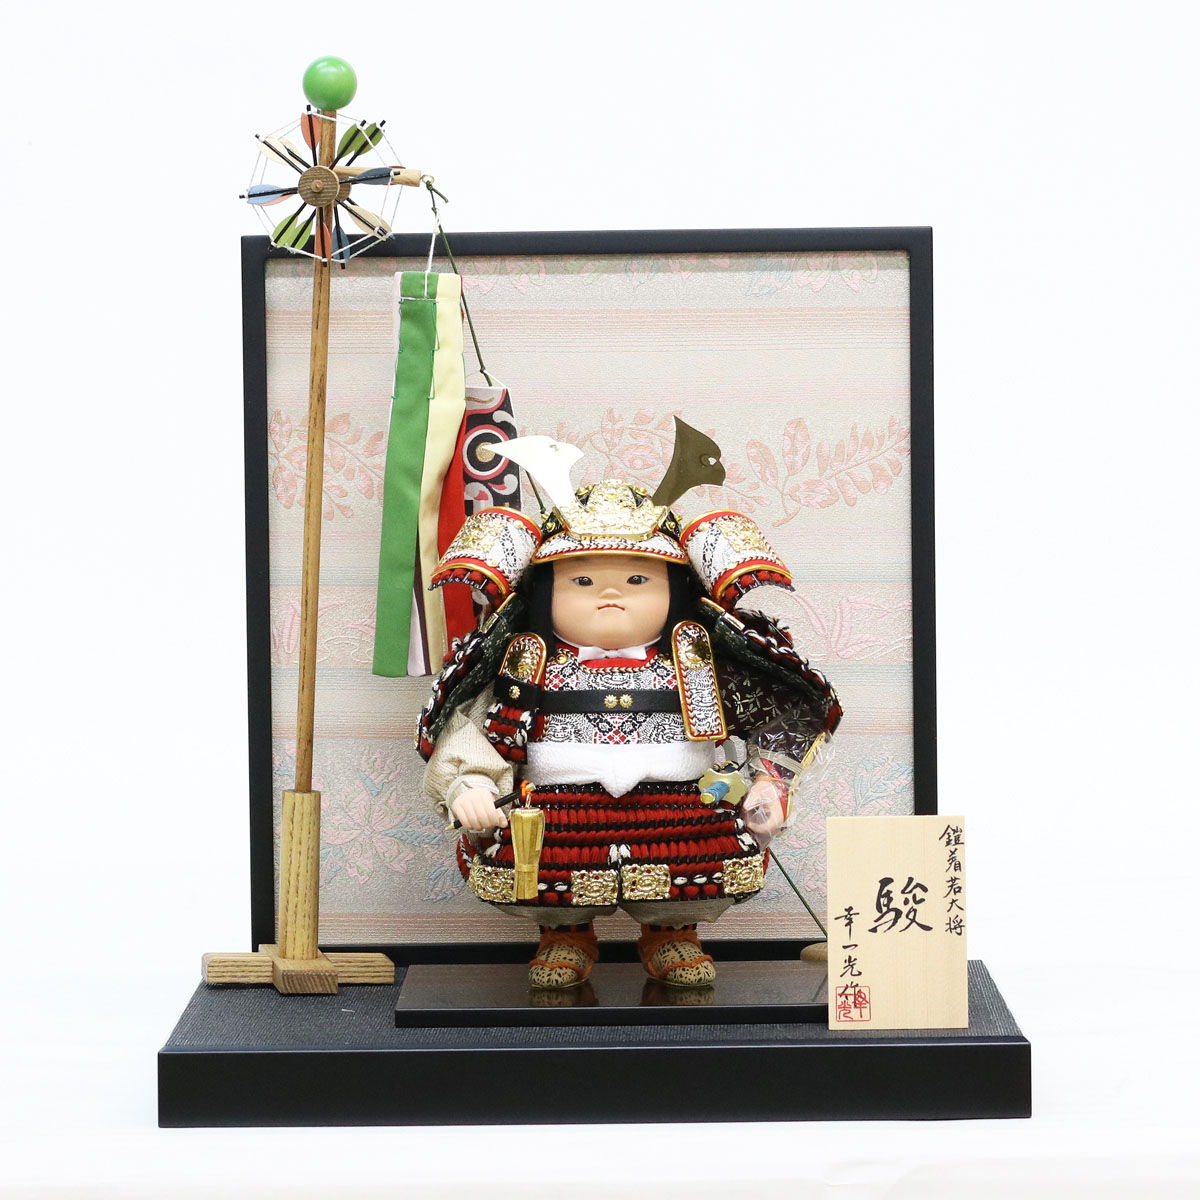 五月人形 幸一光 子供大将飾り 駿 (しゅん) 鎧着セット ≪GOKI-5425≫コンパクト おしゃれ 子供大将飾り 武者人形 子供大将飾り 五月人形